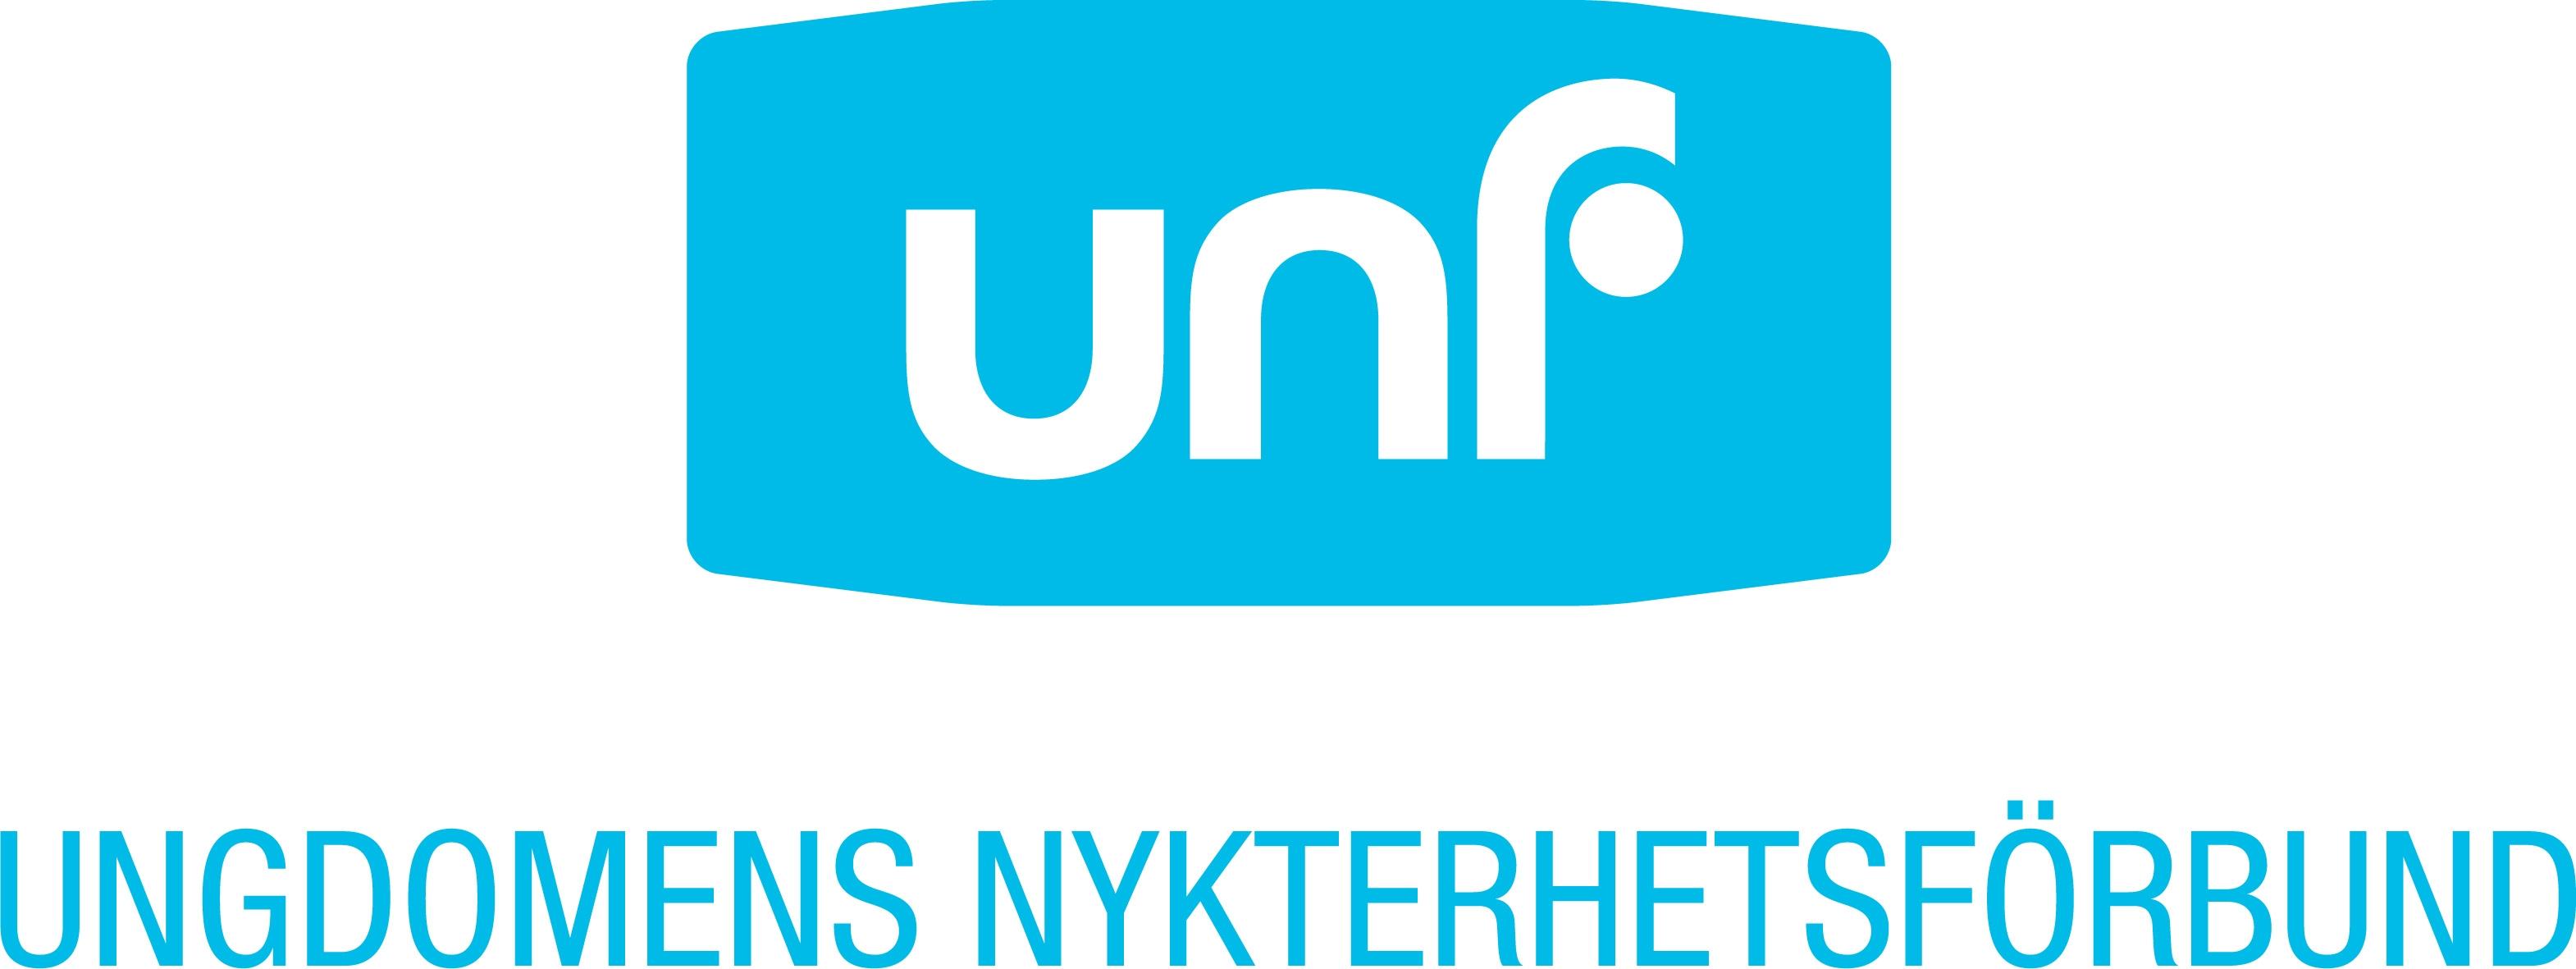 UNF högupplöst logga blå